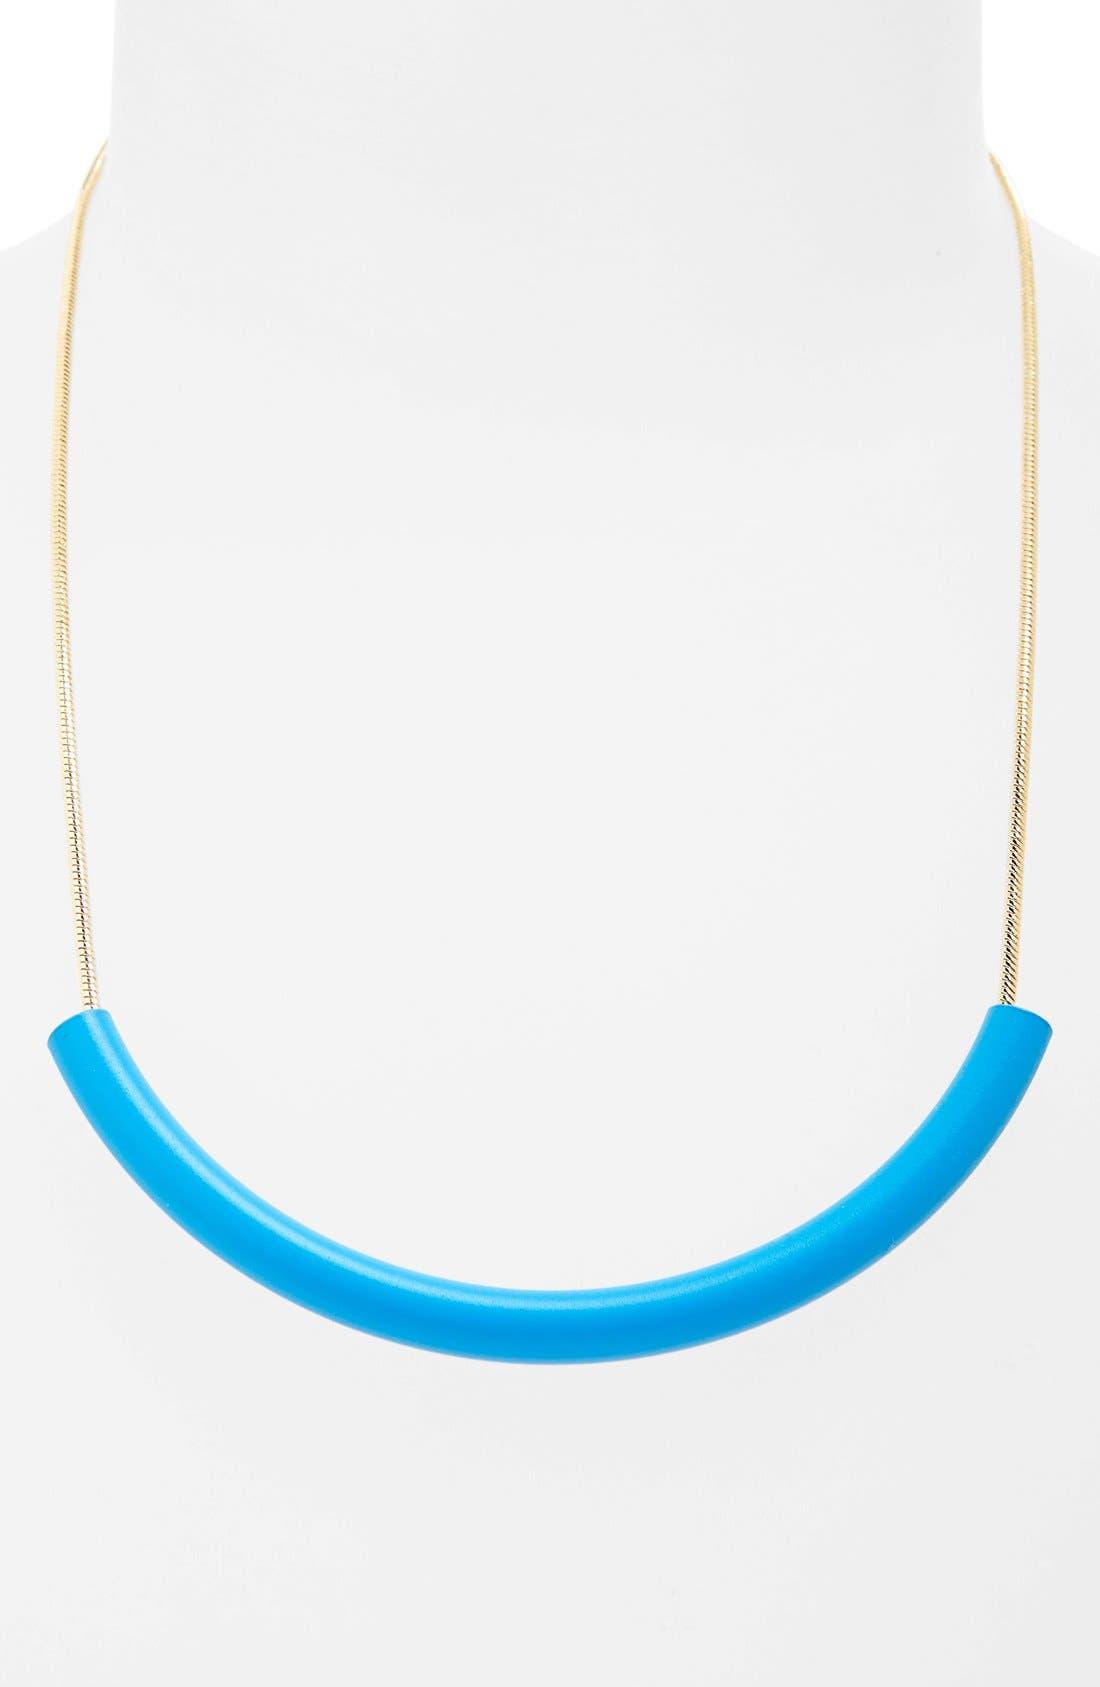 Alternate Image 1 Selected - ZENZII Tube Necklace